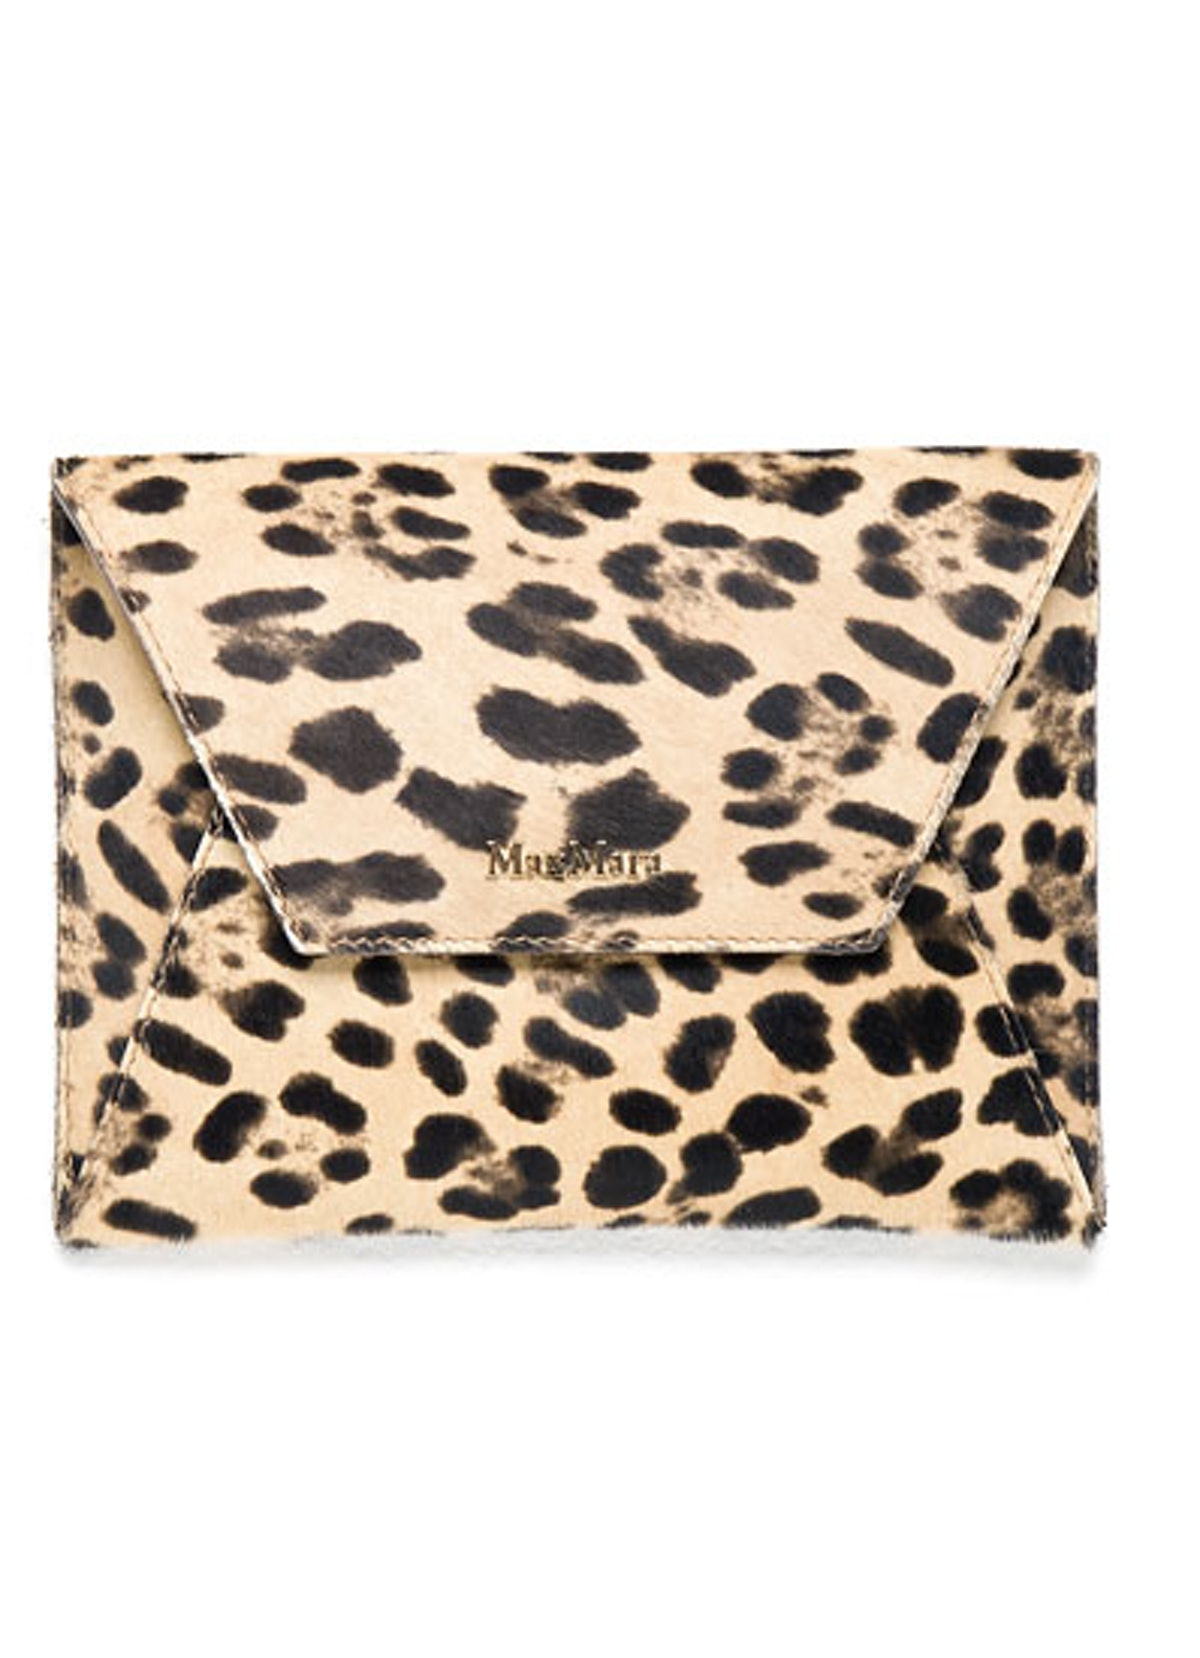 acss-animal-print-bags-03-v.jpg